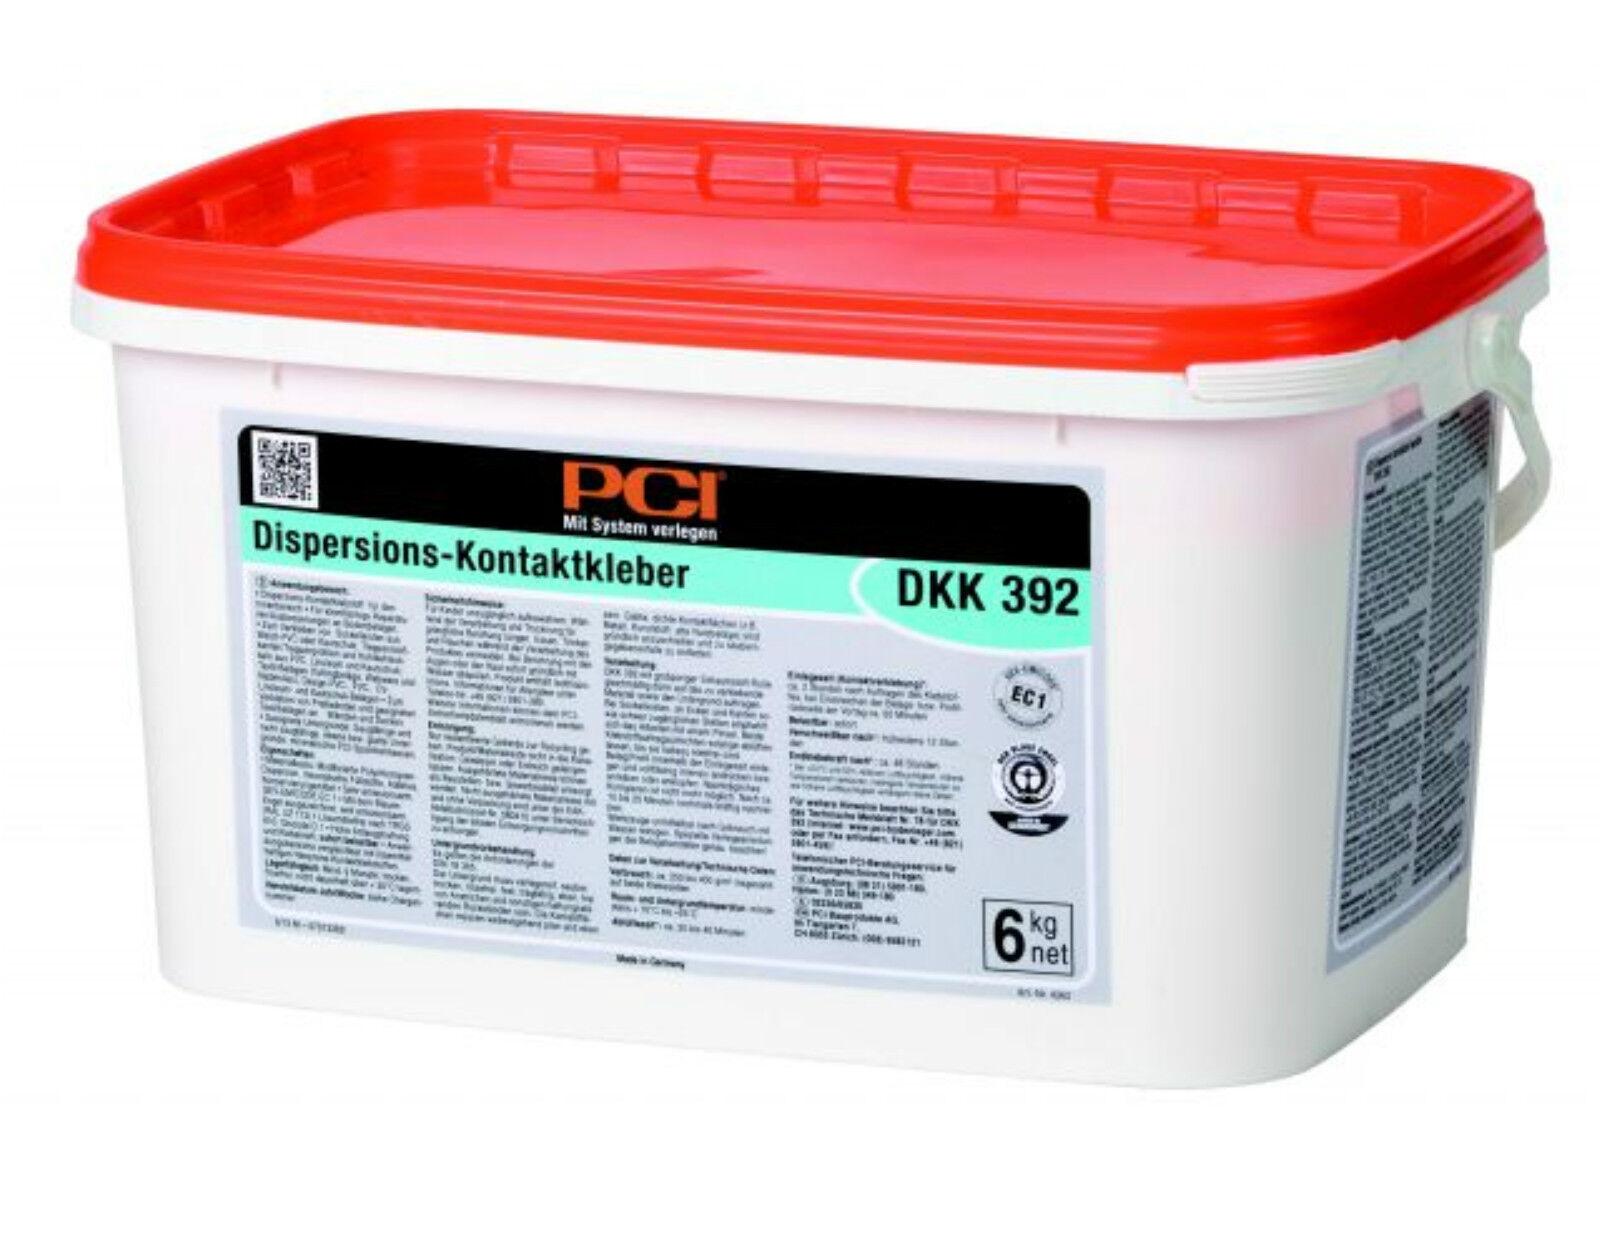 PCI DKK 392 portamento-contatto colla 6 kg diluzione-colla contatto